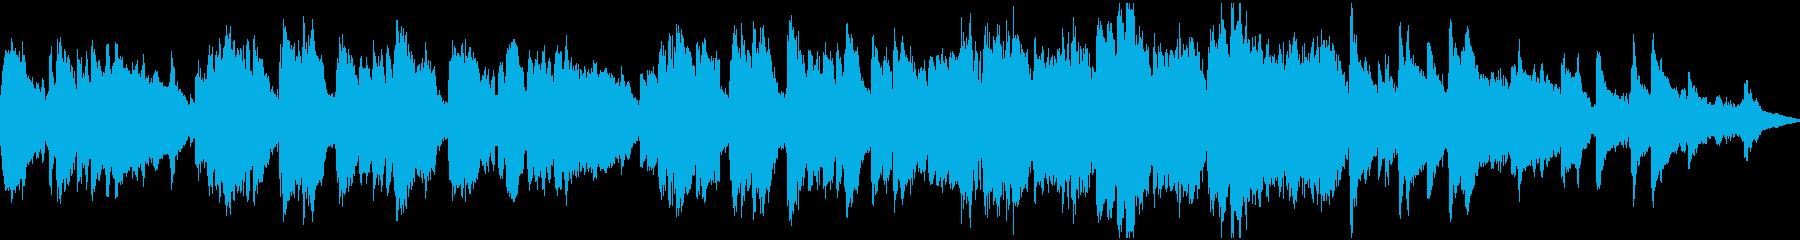 造語&チェレスタの切ない小曲・ループの再生済みの波形